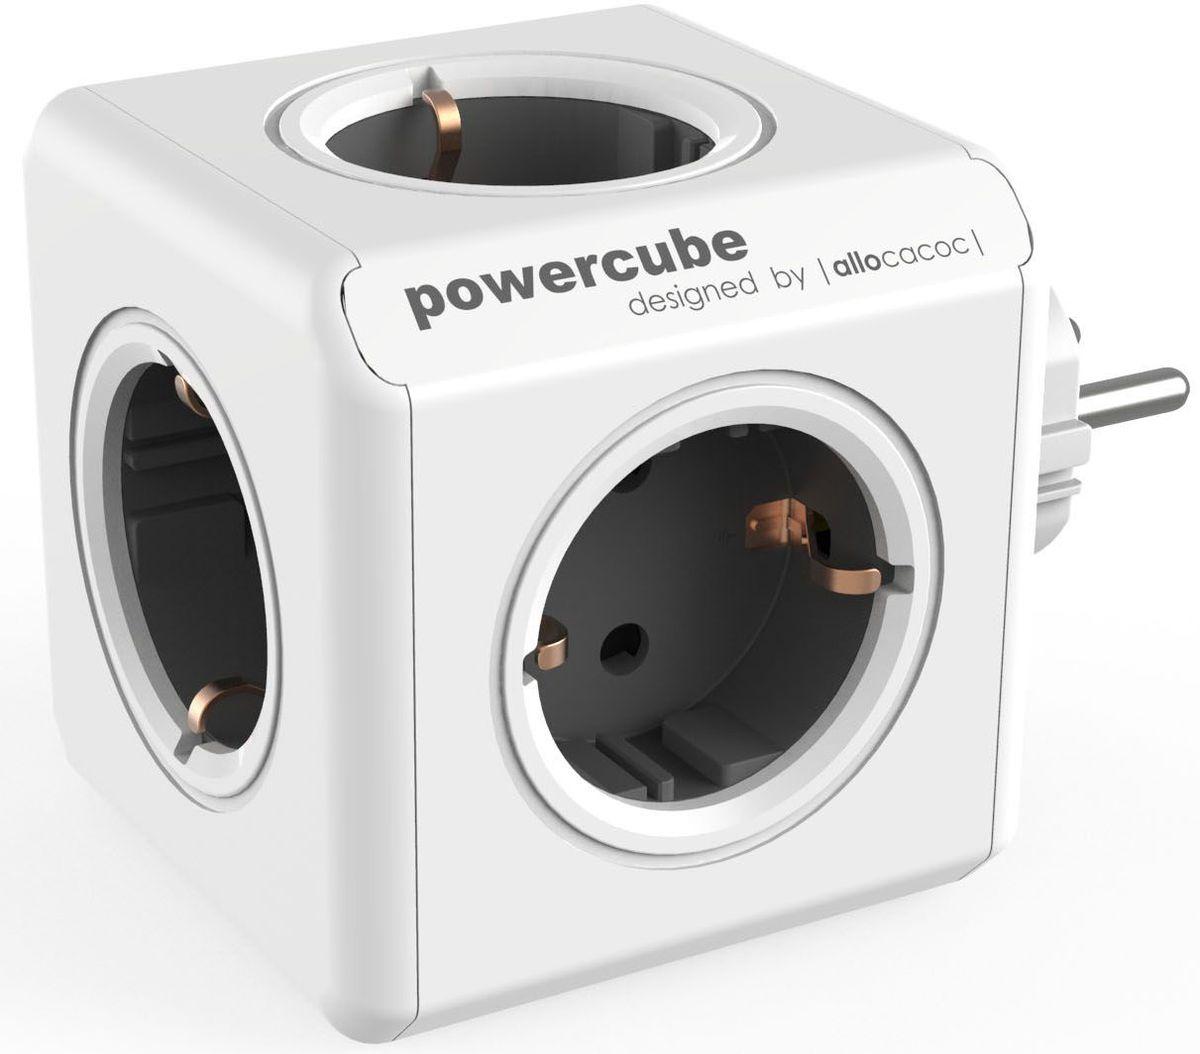 Allocacoc PowerCube Original, Grey сетевой разветвитель1100GY/DEORPCЭто первоначальная концепция Allocacoc PowerCube Original, включающая 5 розеток питания. Благодаря конструкции PowerCube, адаптеры не блокируют друг друга. Находясь в офисе, дома, на совещании или еще где-нибудь, бывает трудно найти свободную розетку для зарядки ноутбука или мобильного телефона.PowerCube решил эту проблему: количество розеток можно расширить, что позволит монтировать индивидуальный источник питания в пределах досягаемости.